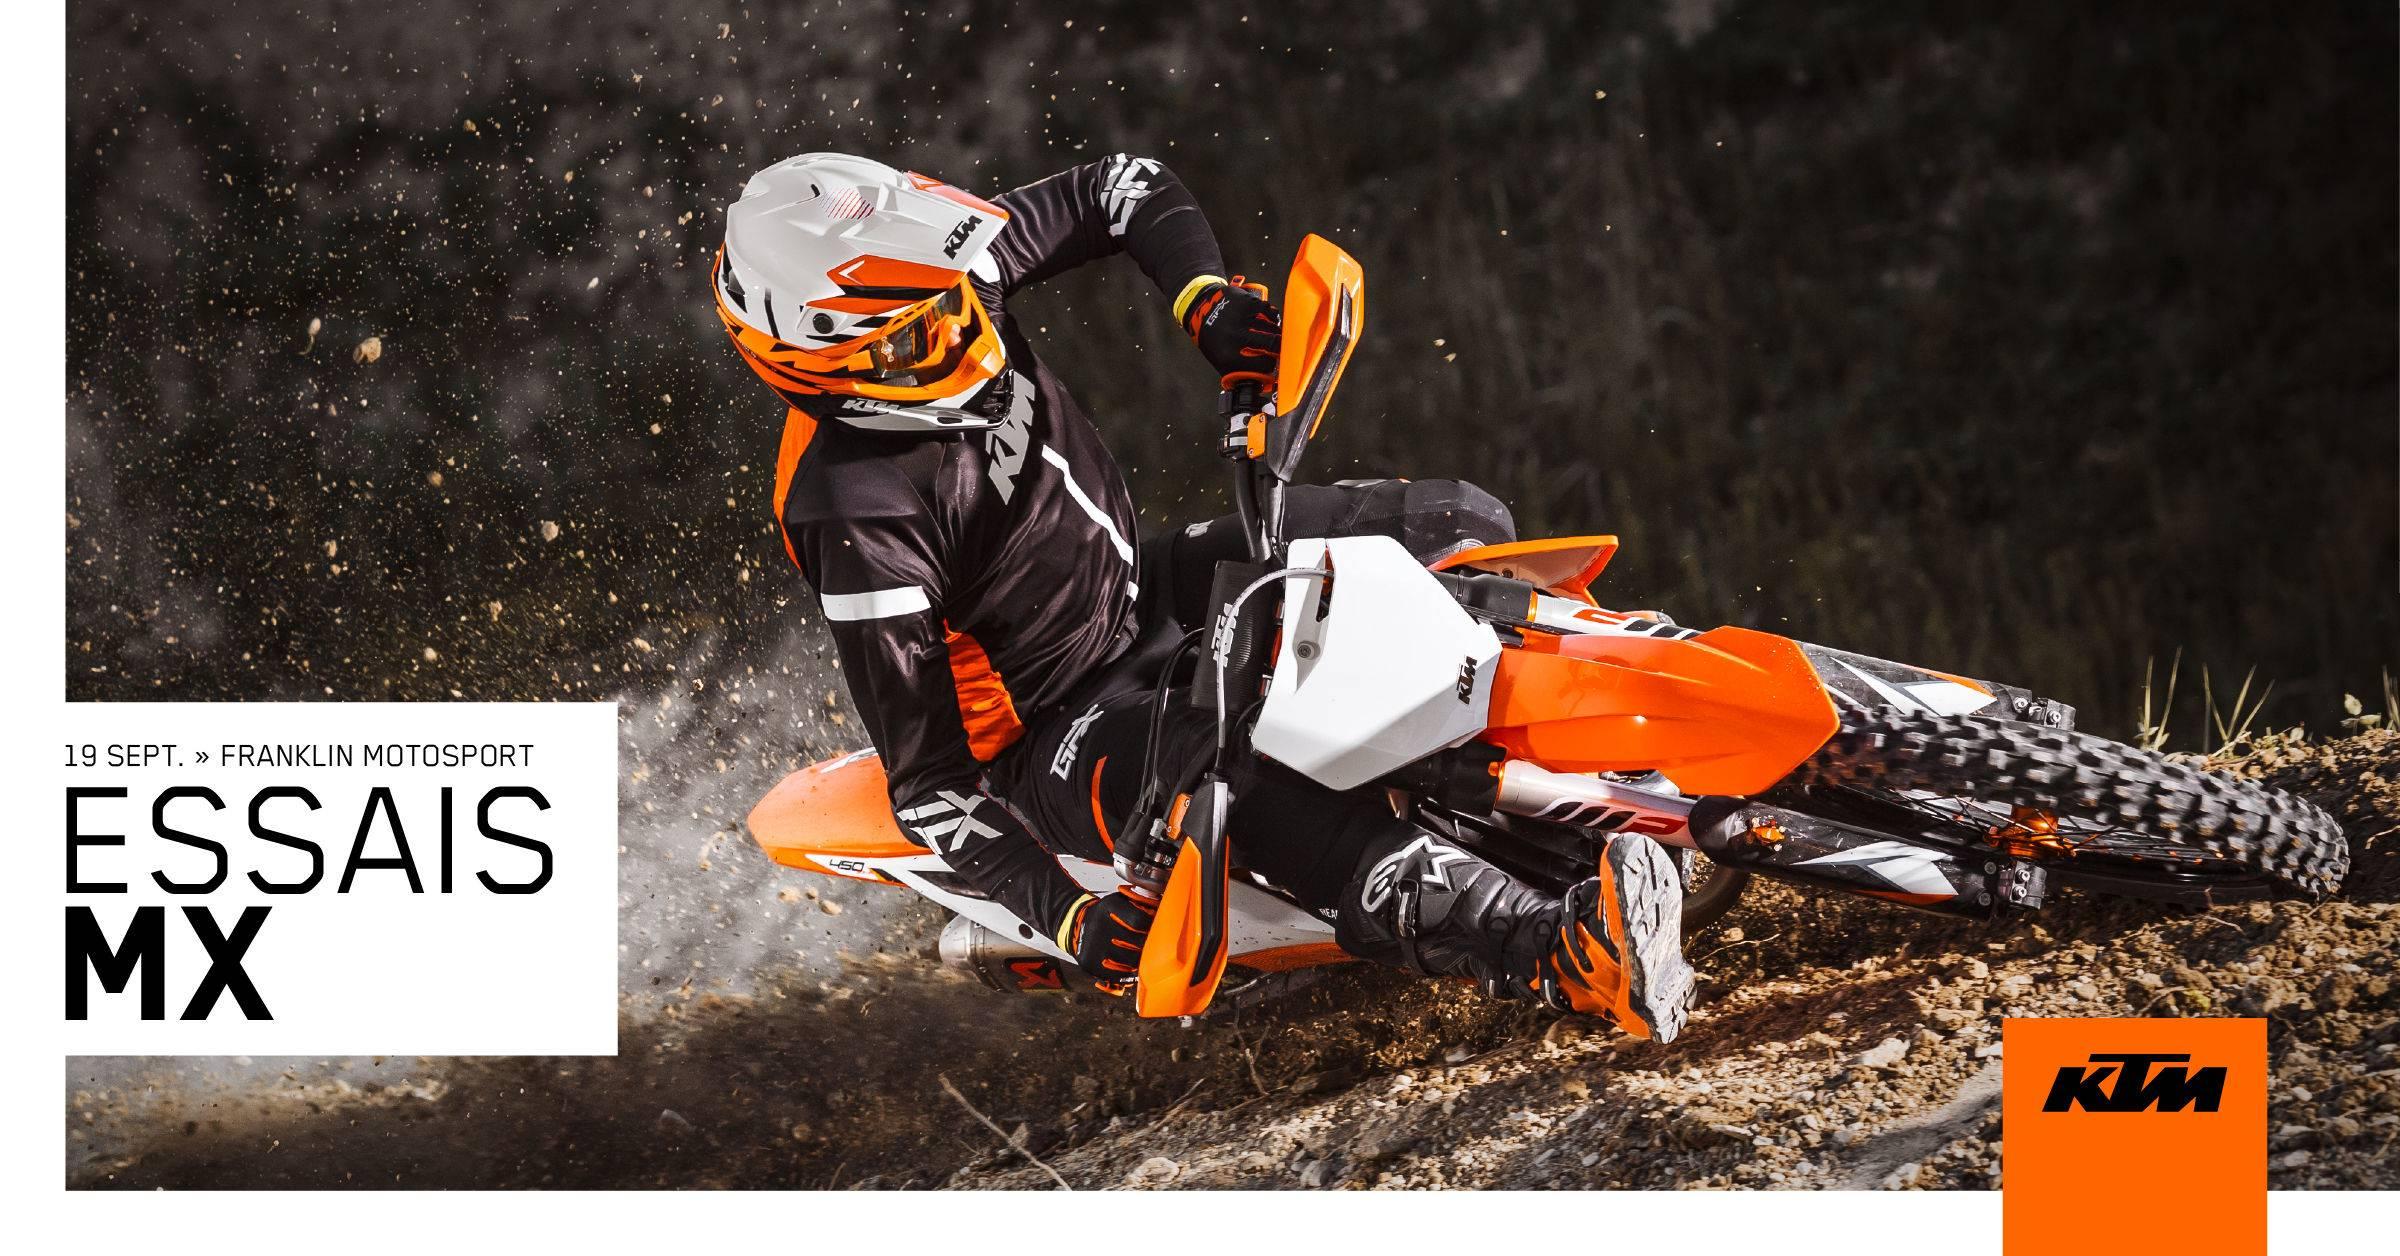 19 septembre - Essais MX et hors-route KTM